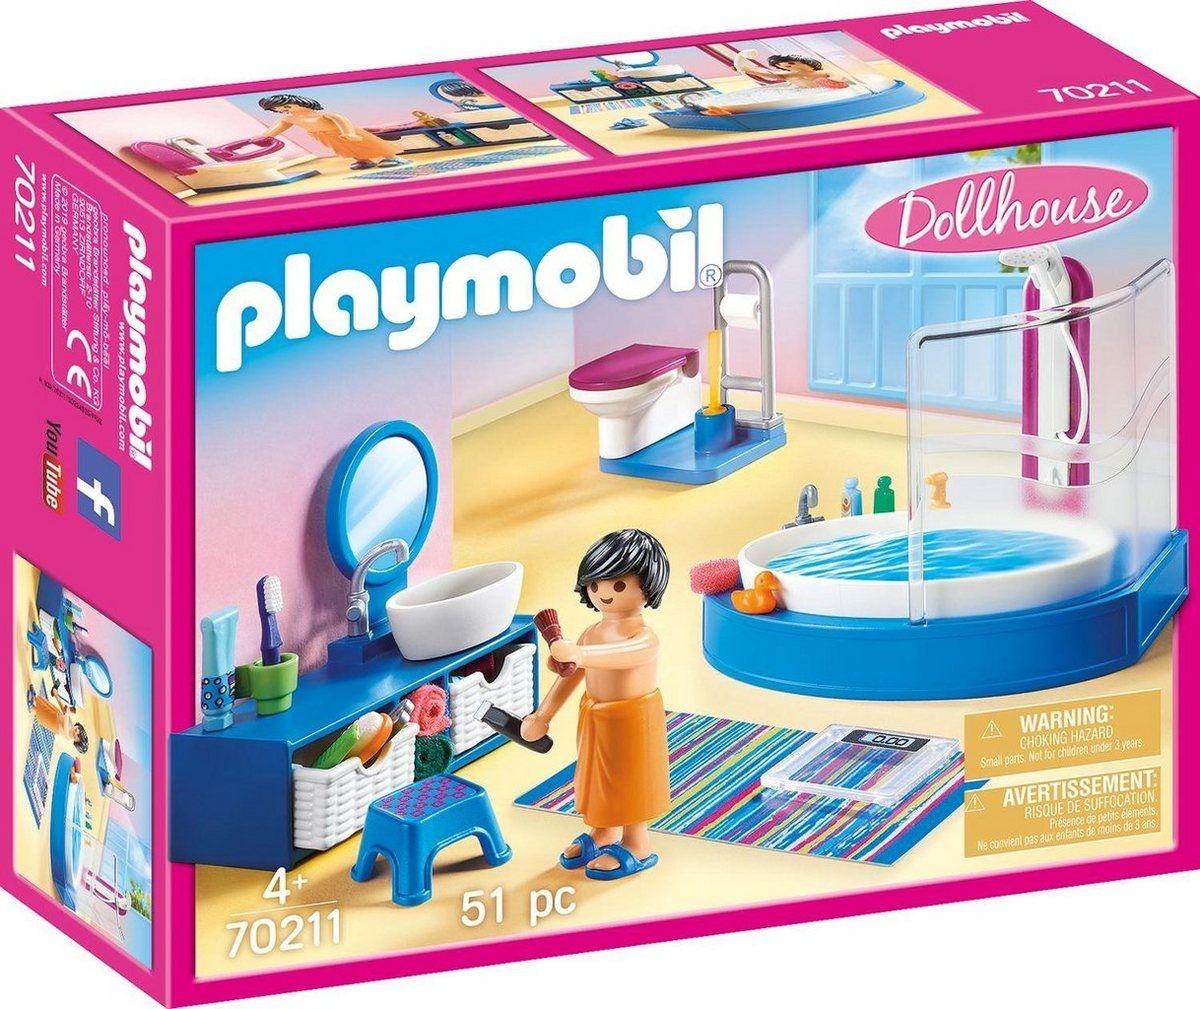 Playmobil Konstruktions Spielset Badezimmer 70211 Dollhouse 51 St Made In Germany Online Kaufen Playmobil Waschtisch Mit Waschbecken Und Playmobil Badezimmer